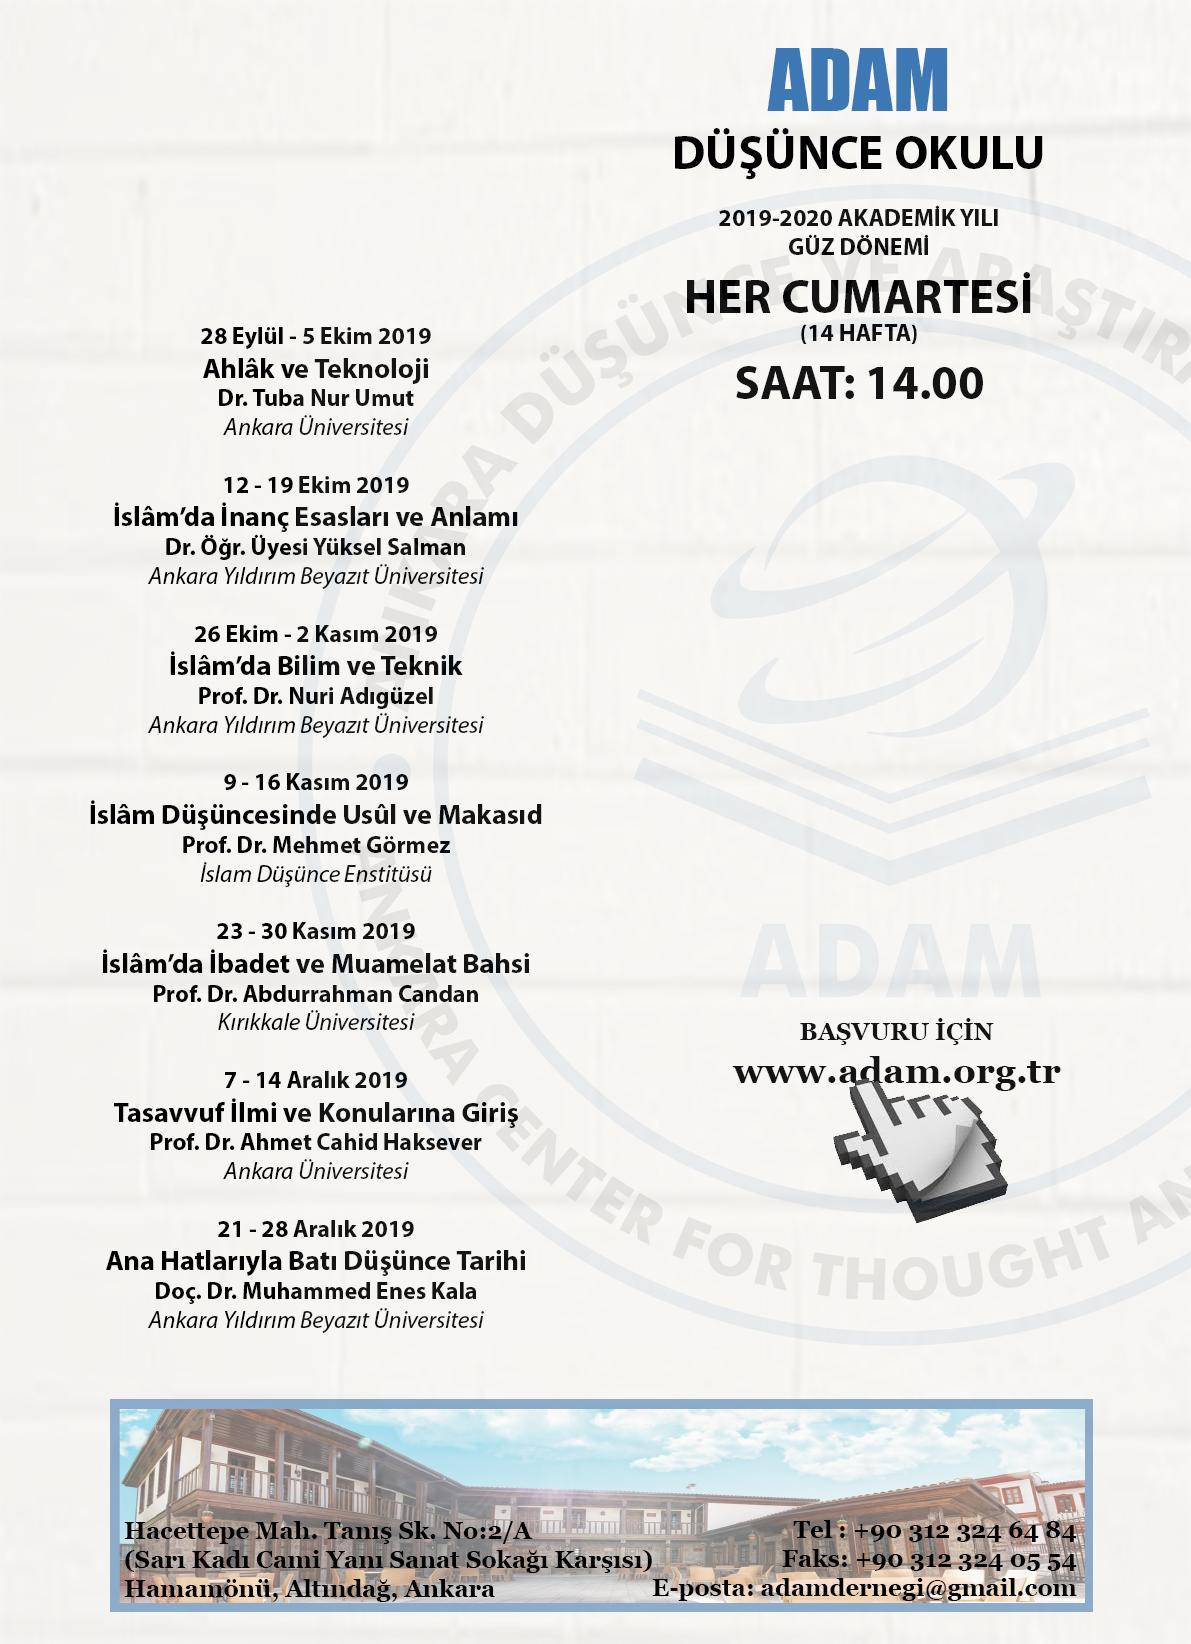 ADAM Düşünce Okulu 2019-2020 Güz Dönemi Programı